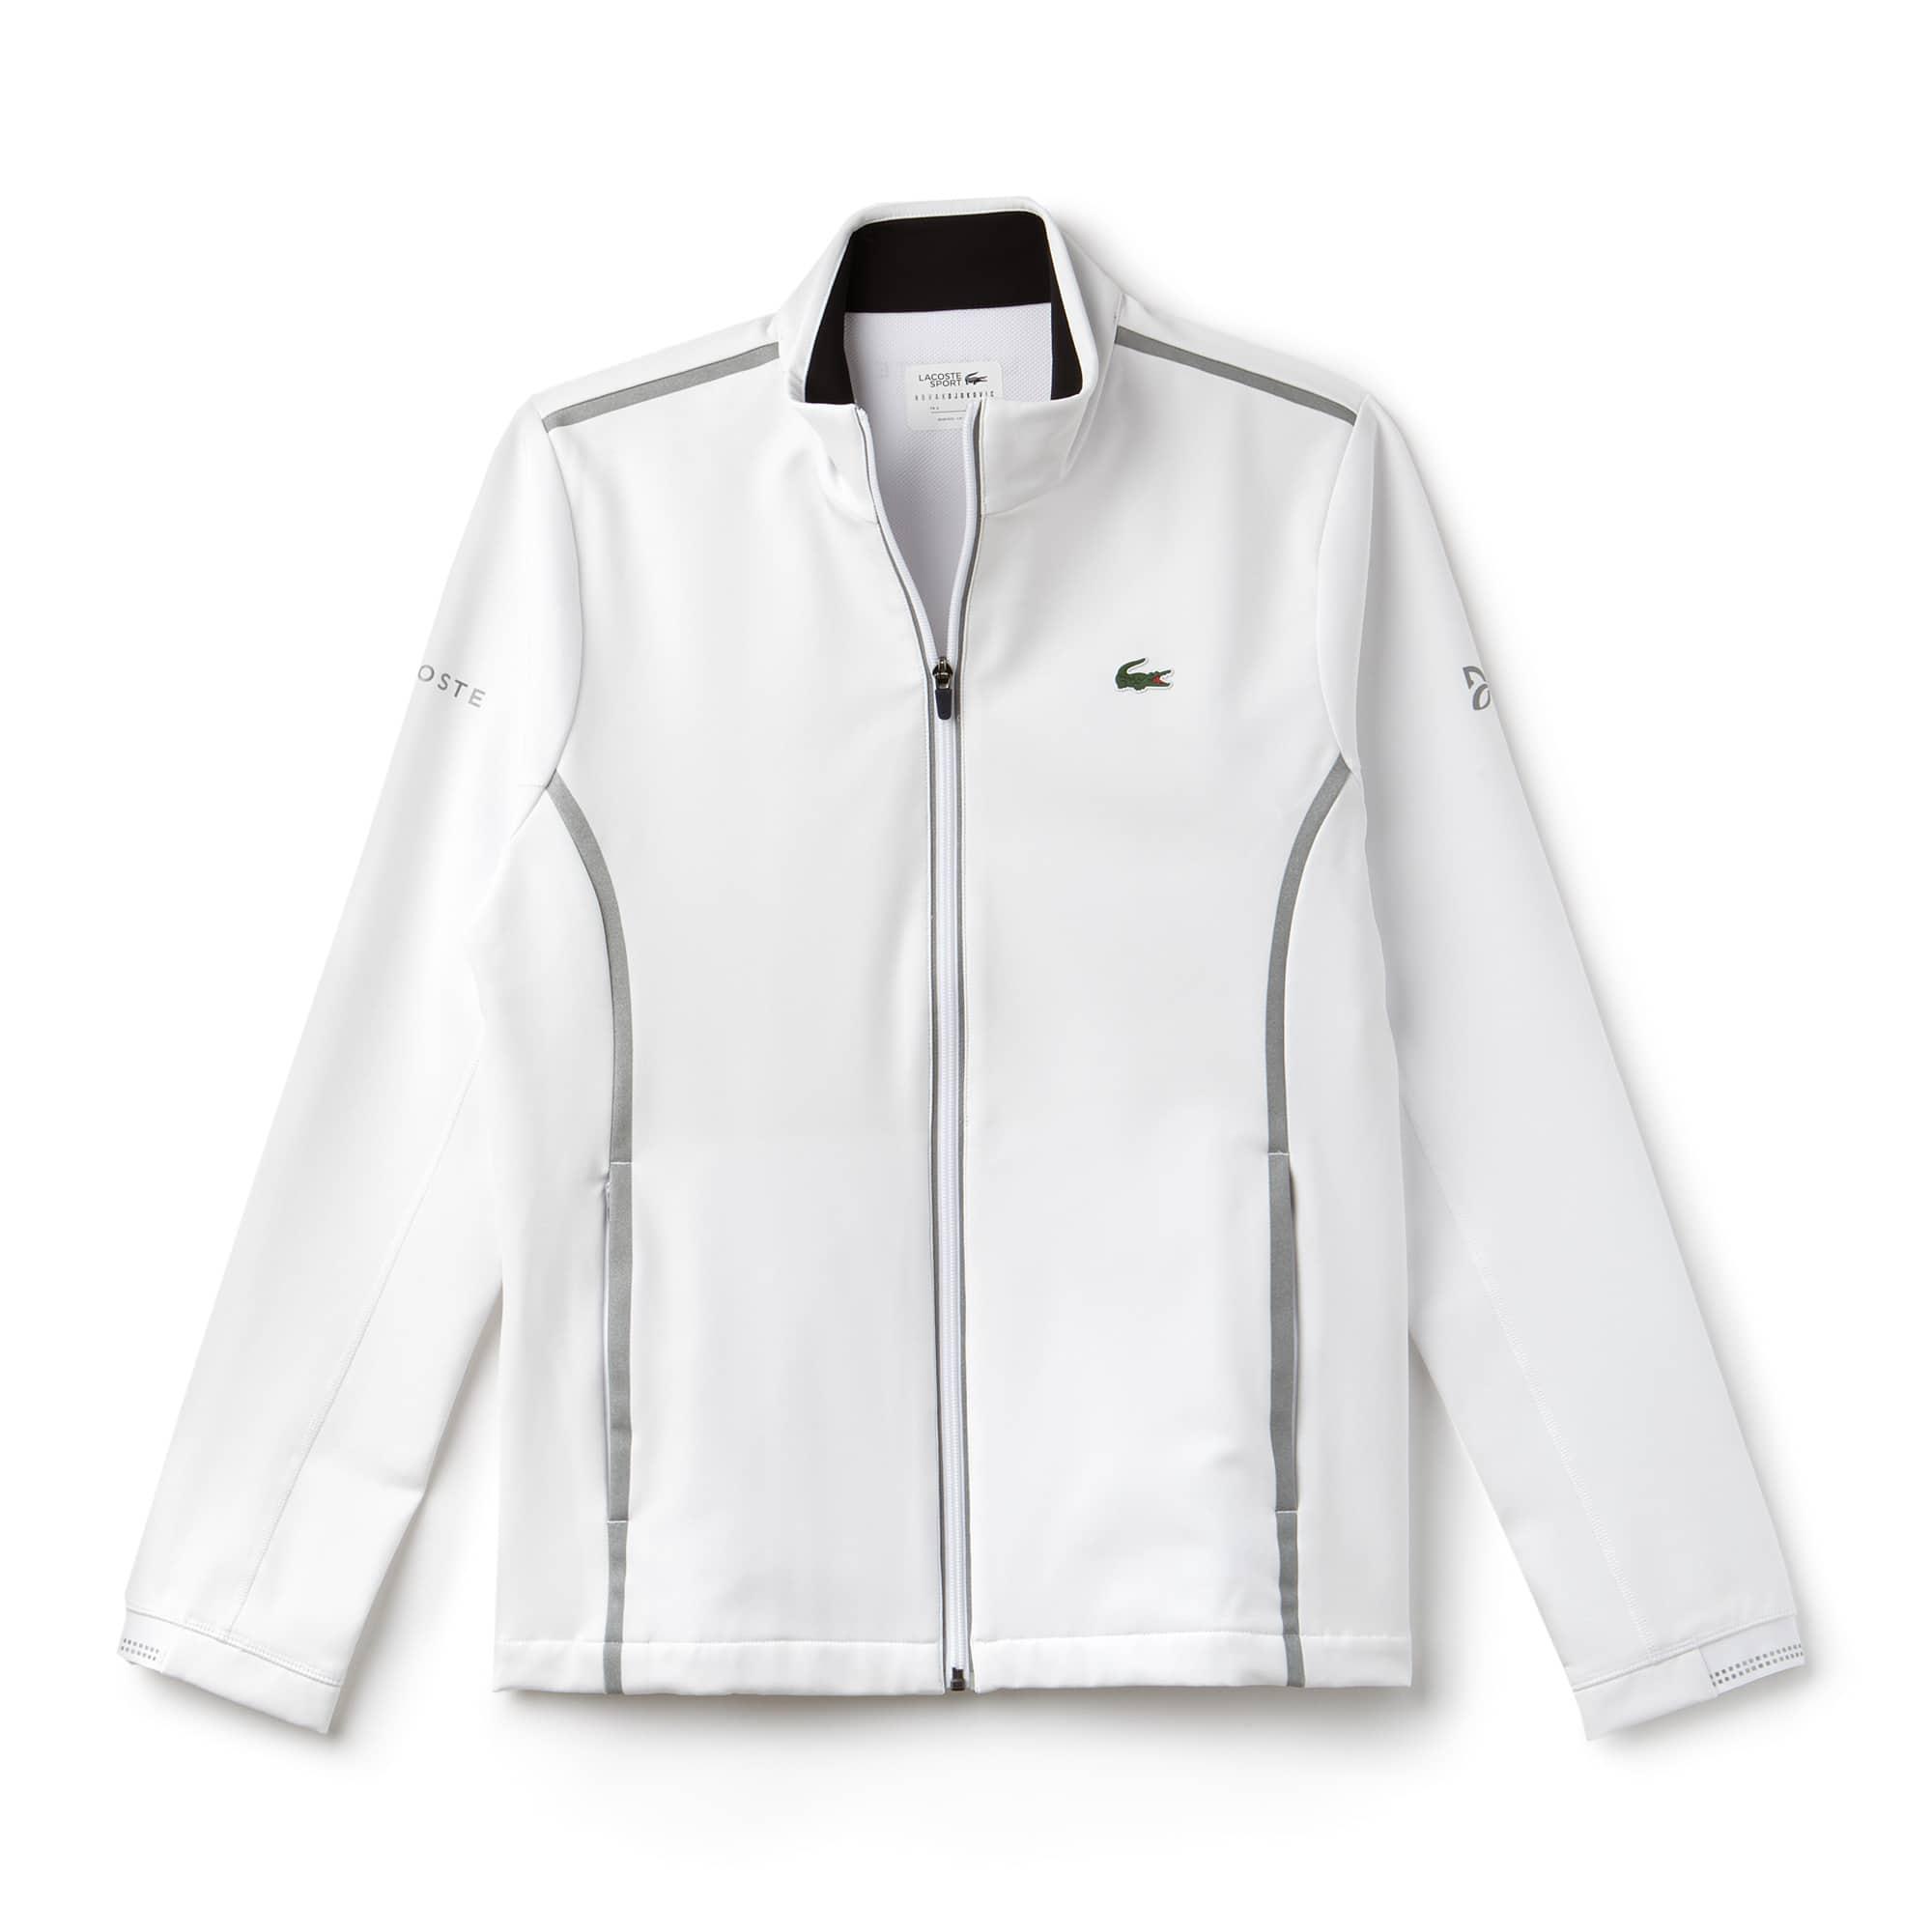 Men's SPORT Tech Midlayer Zip Sweatshirt - Novak Djokovic Supporter Collection